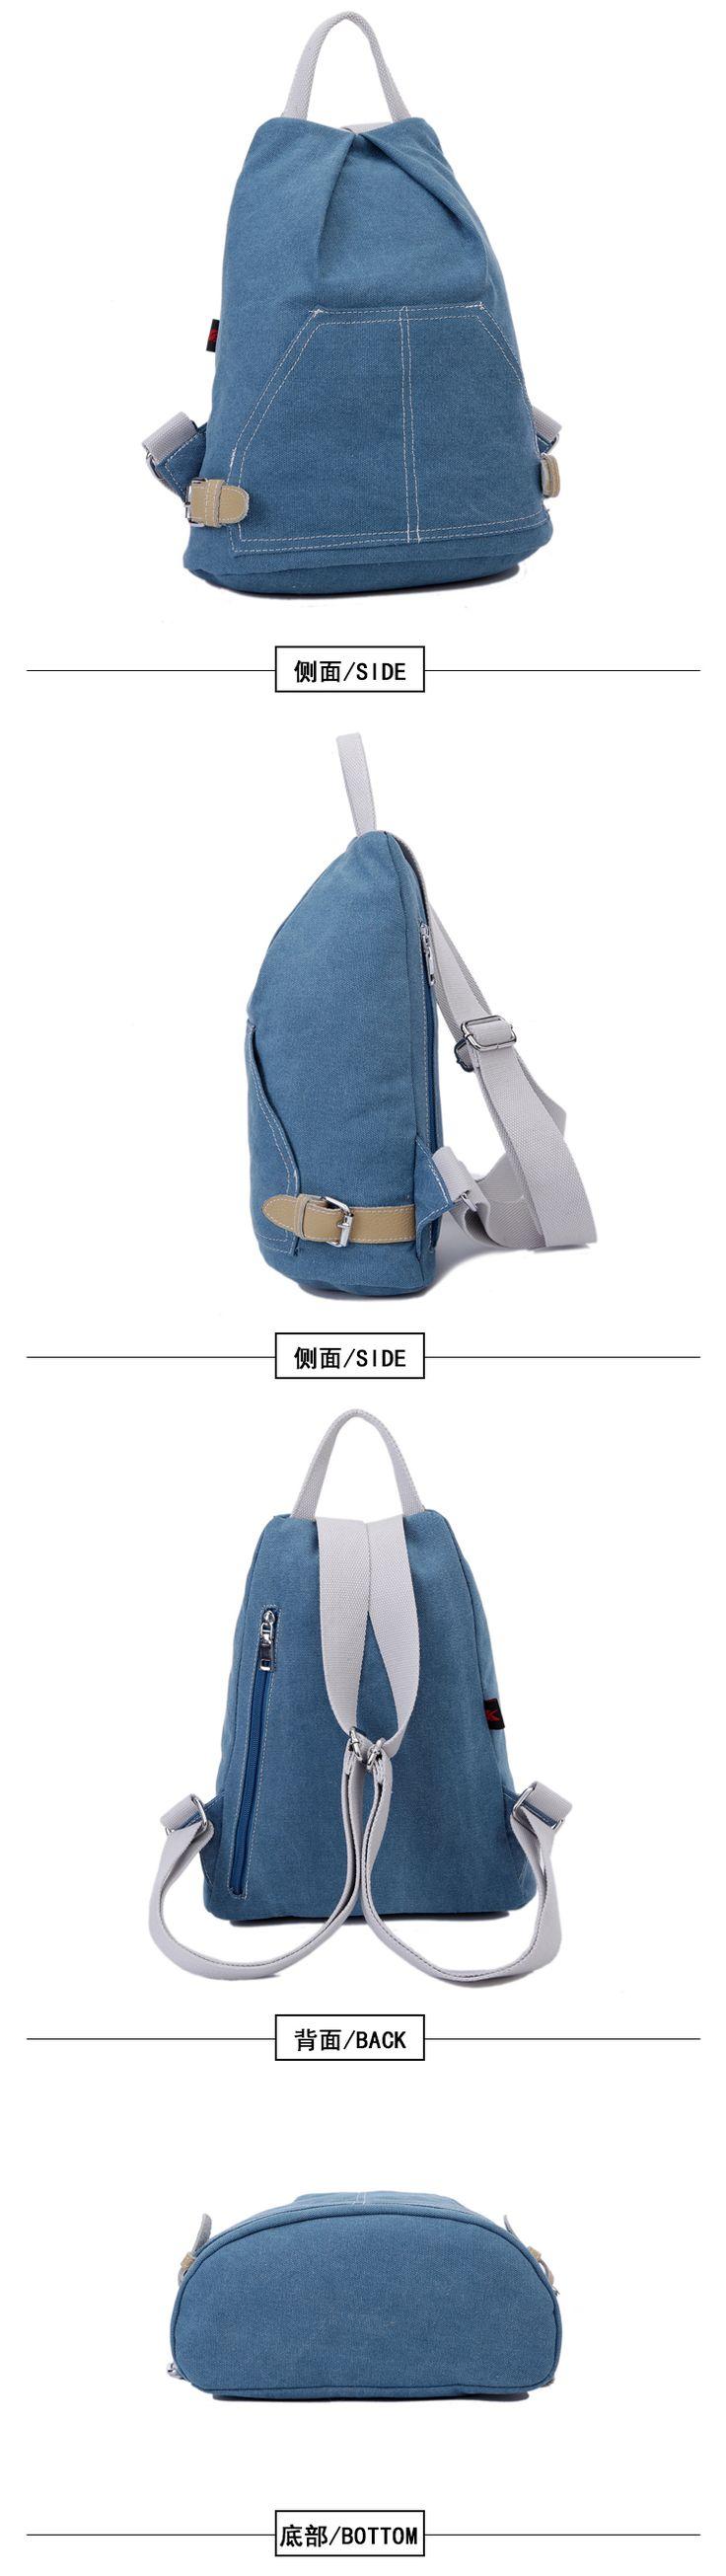 2015 yeni kanvas çanta küçük omuz çantası Koreli kadın gelgit rahat küçük taze kız üniversite öğrencisi sırt çantası paket - Taobao